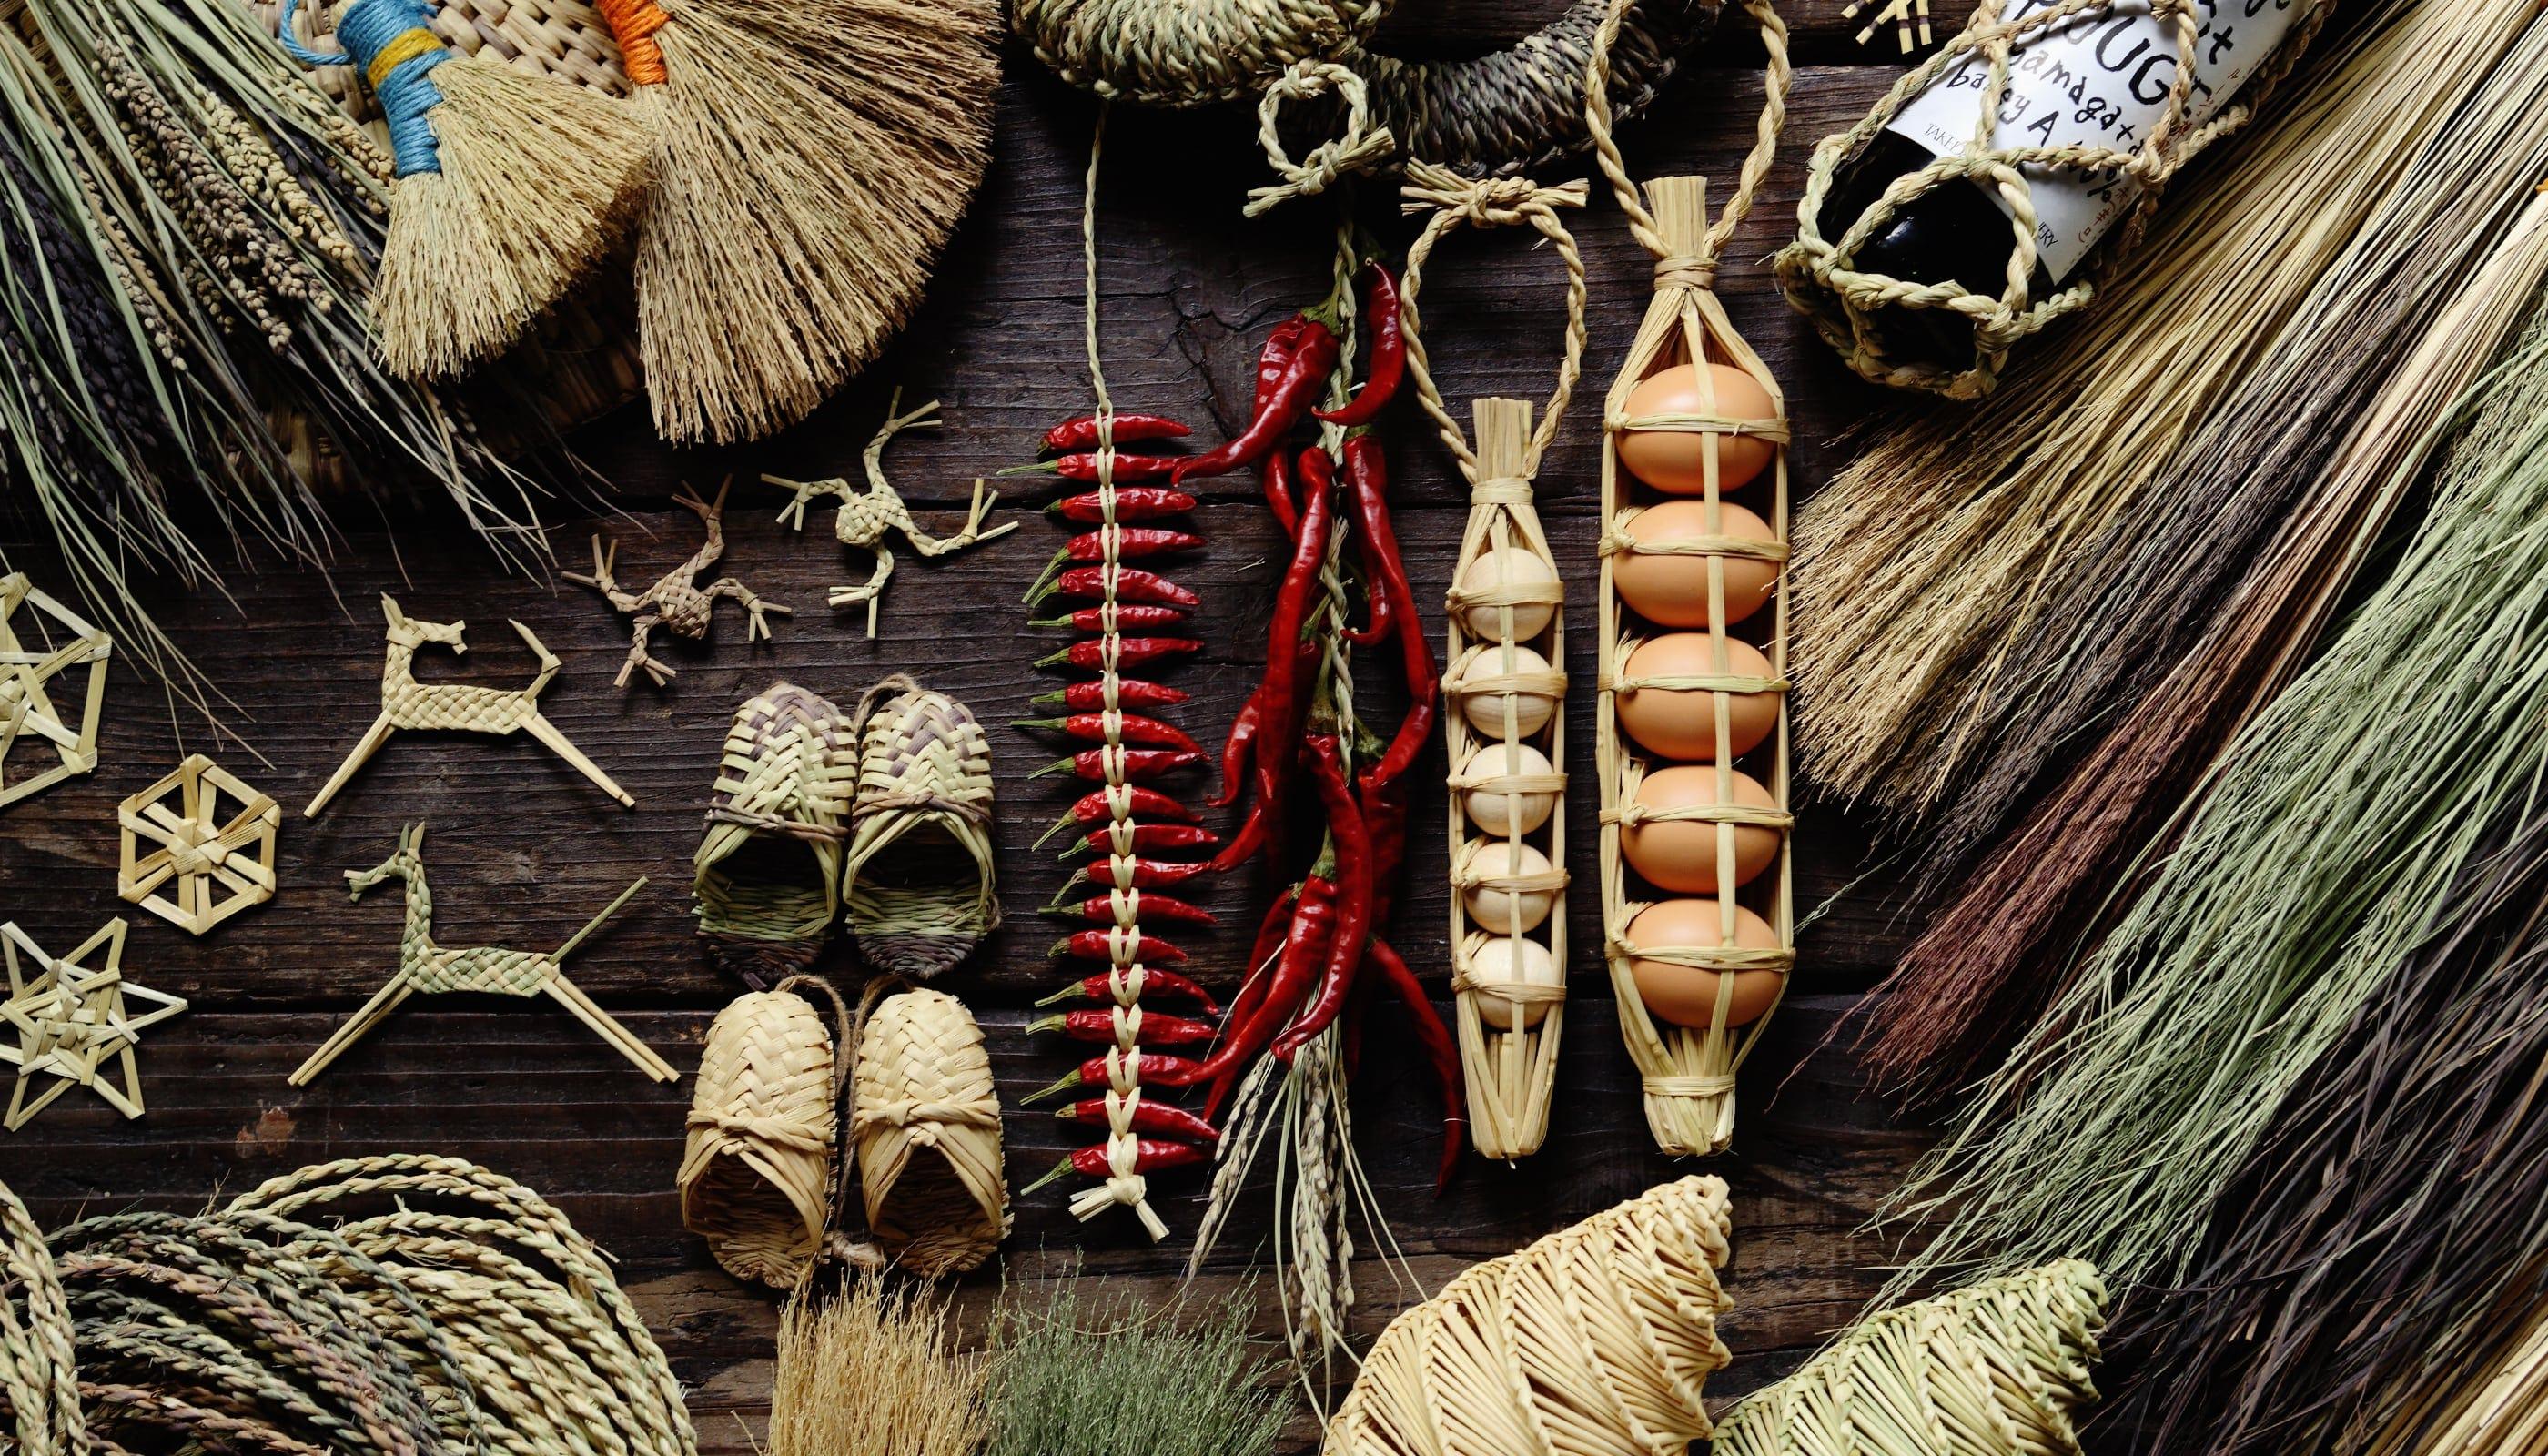 山形県真室川町を拠点に藁細工文化の発信をつづける、工房ストロー。 ロゴデザイン、WEBデザイン、パッケージデザイン(現在鋭意制作中)をアカオニで担当した。 写真:◯◯◯◯